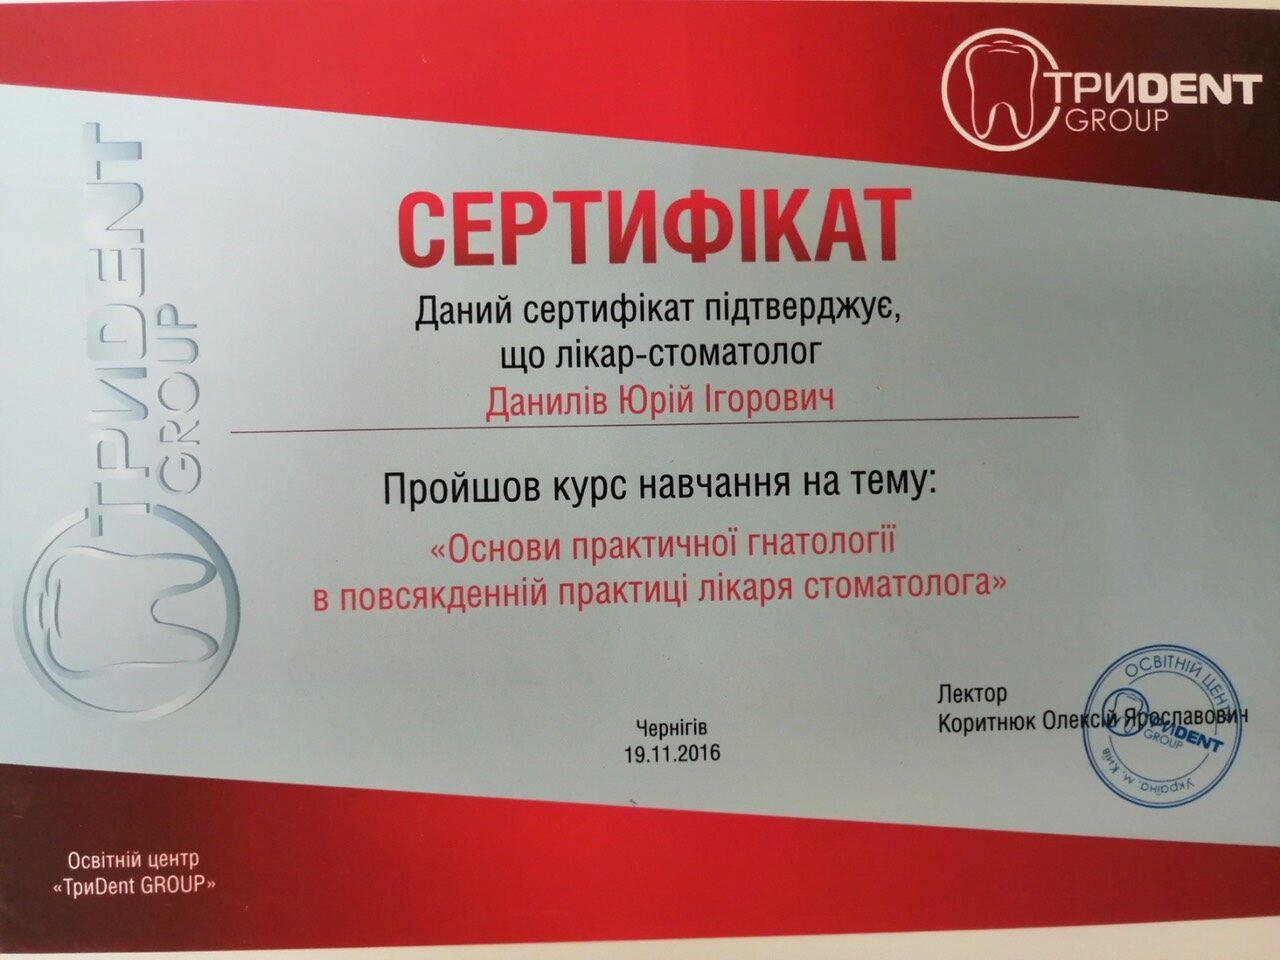 Стоматолог Данилів Ю. І.